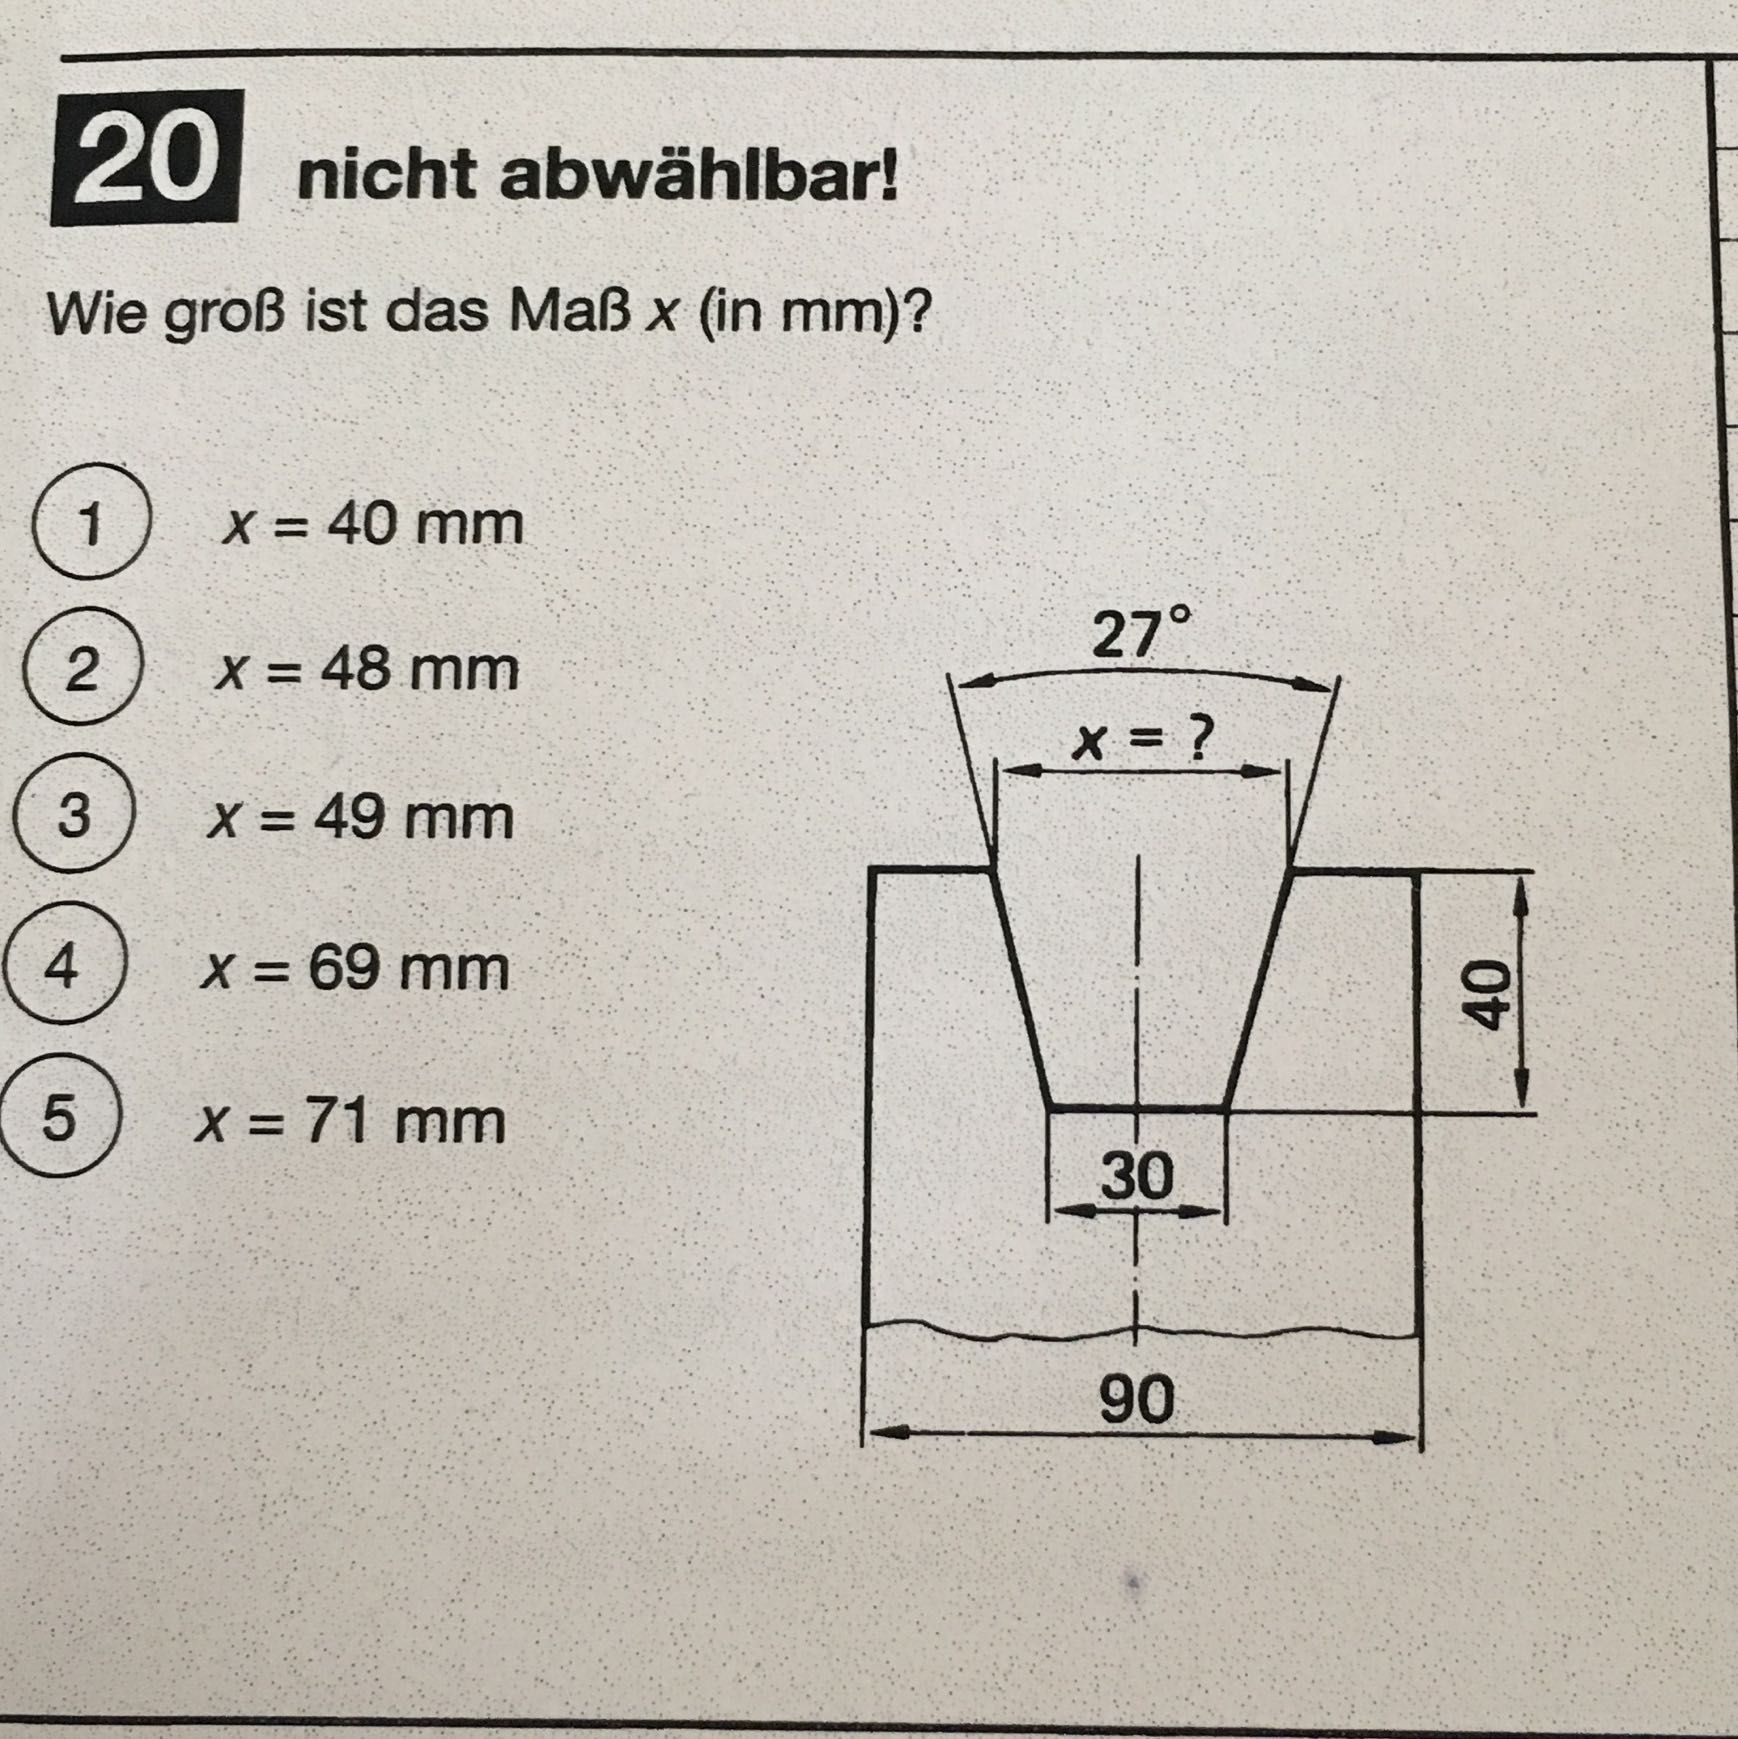 kennt jemand eine formel zur berechnung mathe pr fung. Black Bedroom Furniture Sets. Home Design Ideas